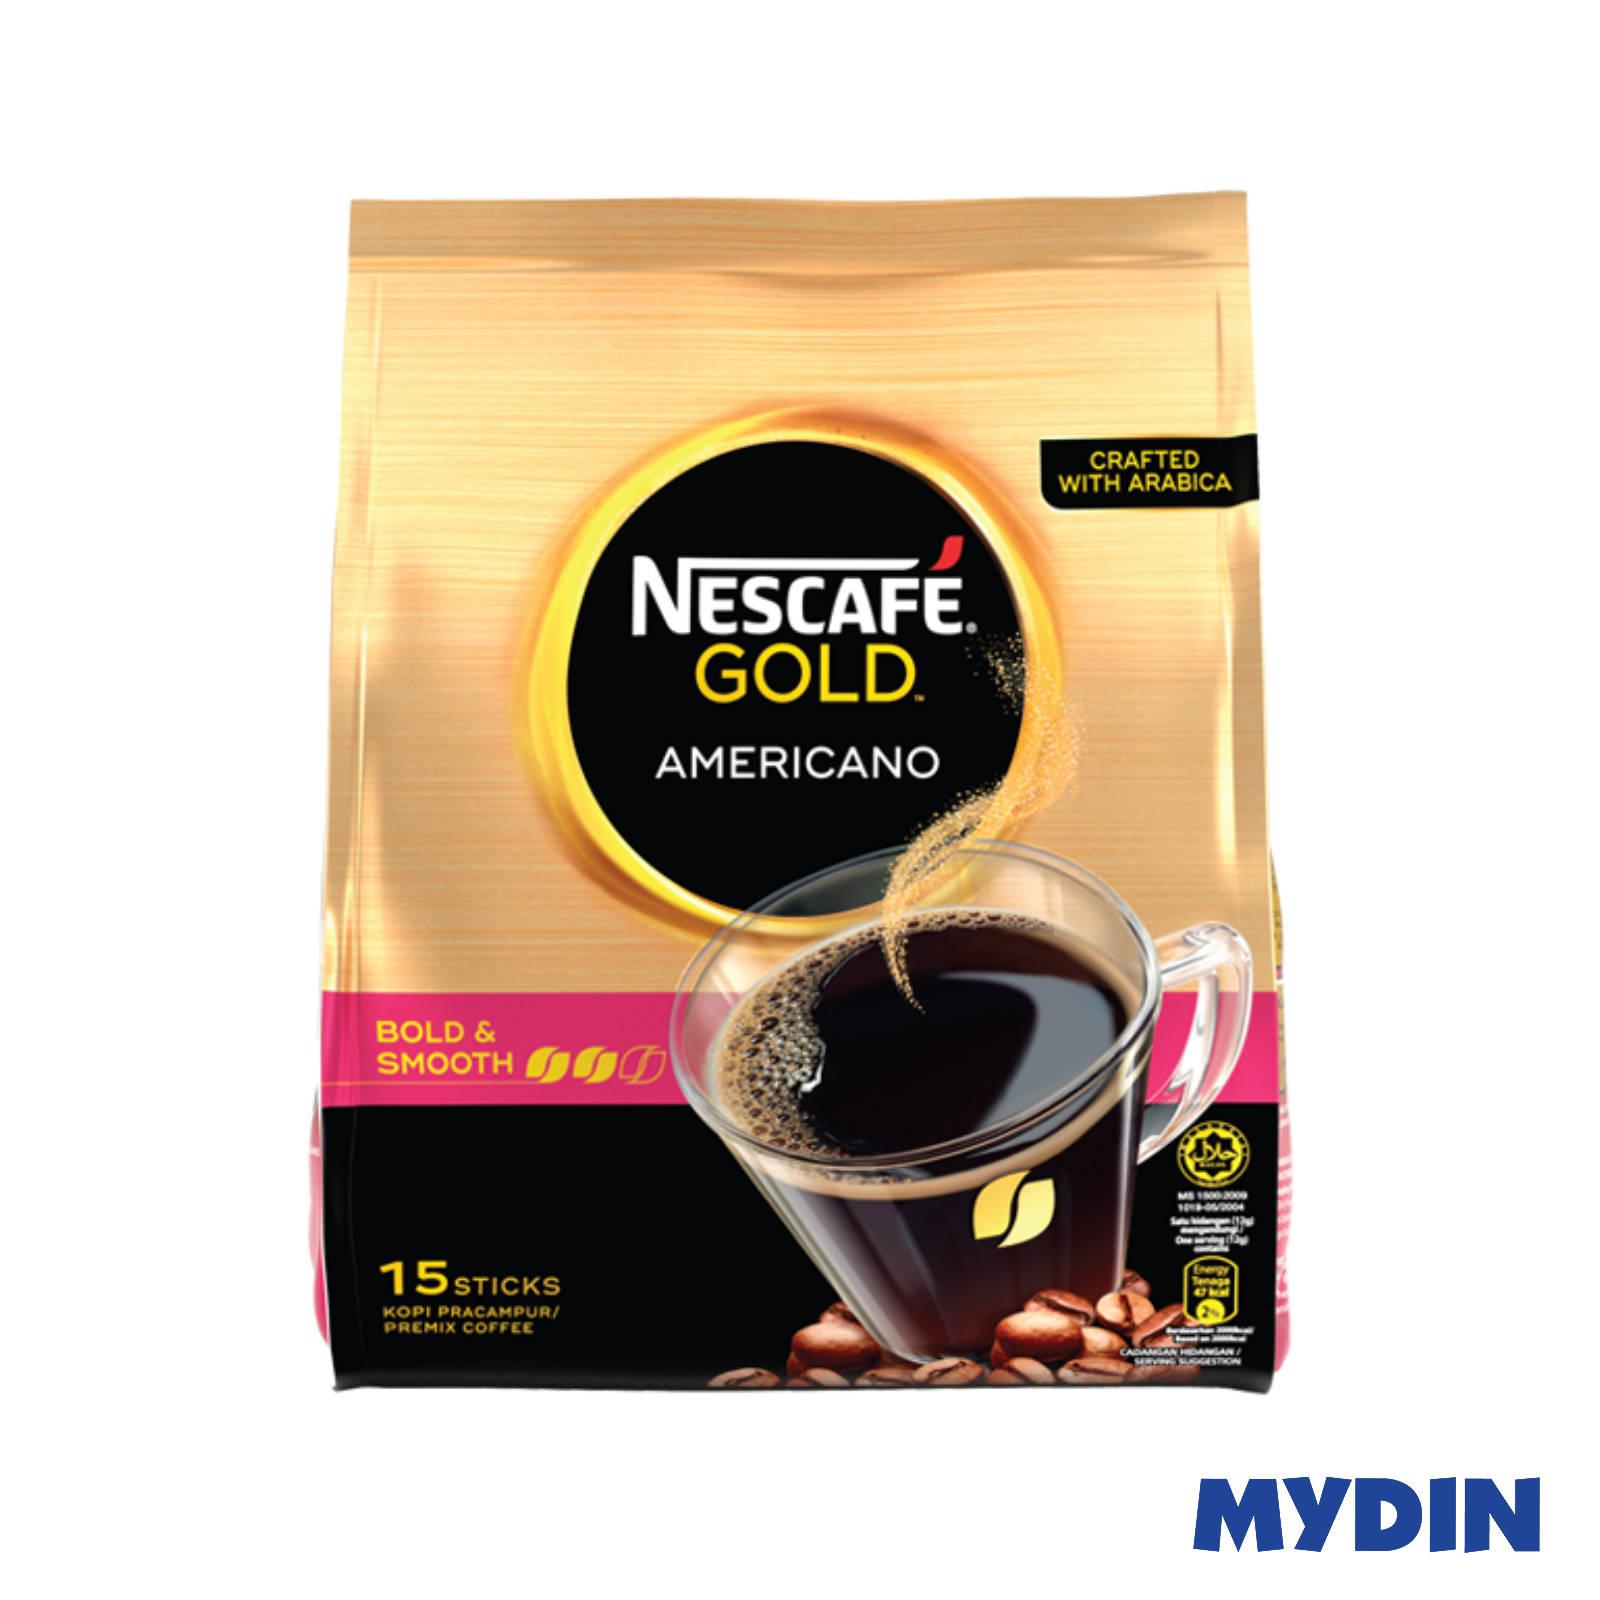 Nescafe Gold Americano (15 x 12g)